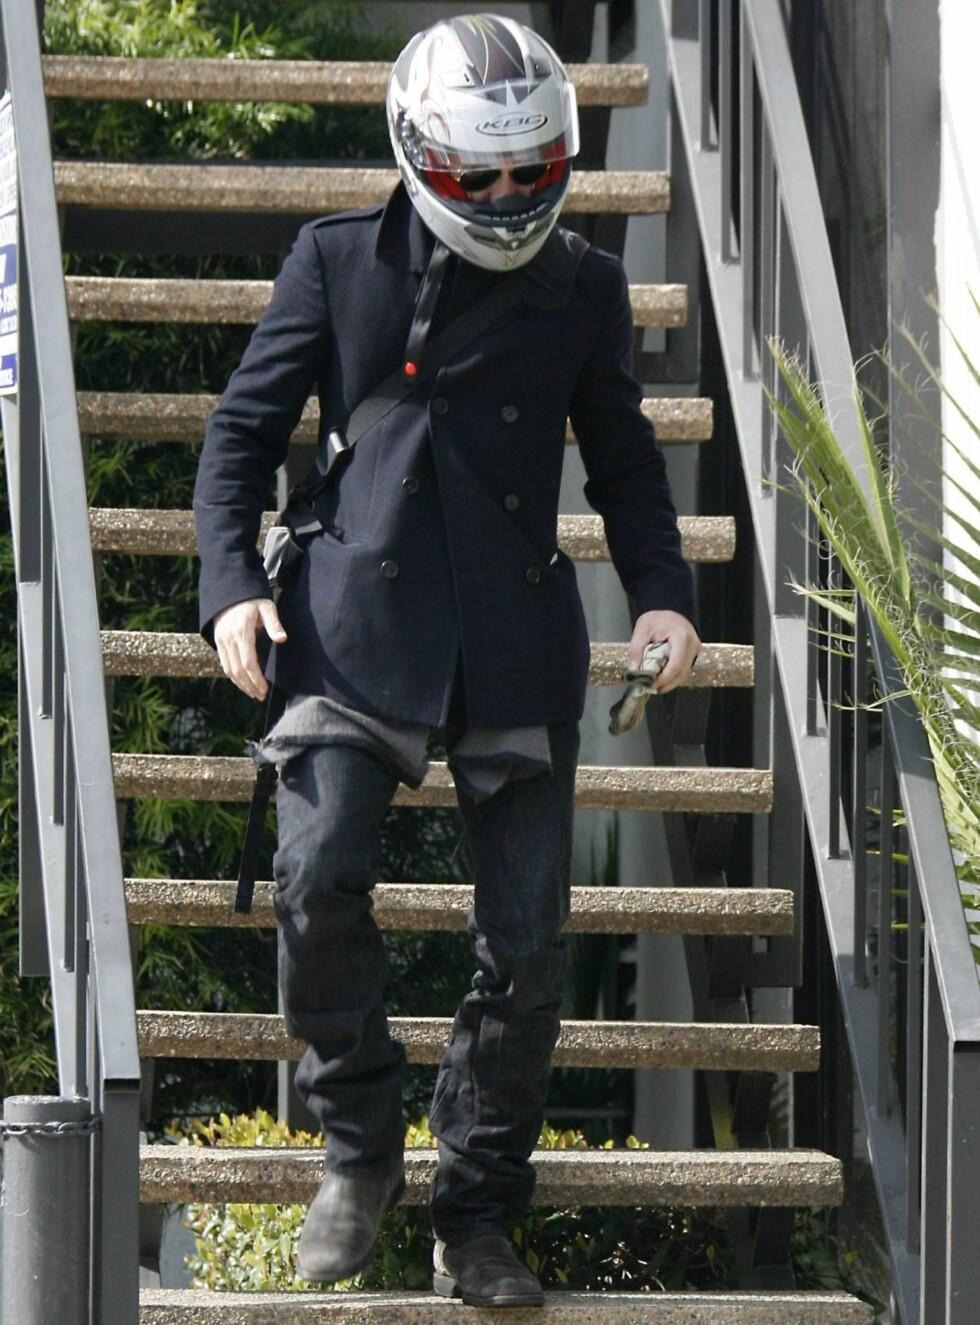 PÅ DEN SIKRE SIDEN Brad forlater kontoret sitt og gleder seg sånn til å sett seg på sykkelen at hjelmen allerede er plassert trygt på hans vakre hode. Eller kanskje han er redd for å snuble i trappa? Foto: Stella Pictures